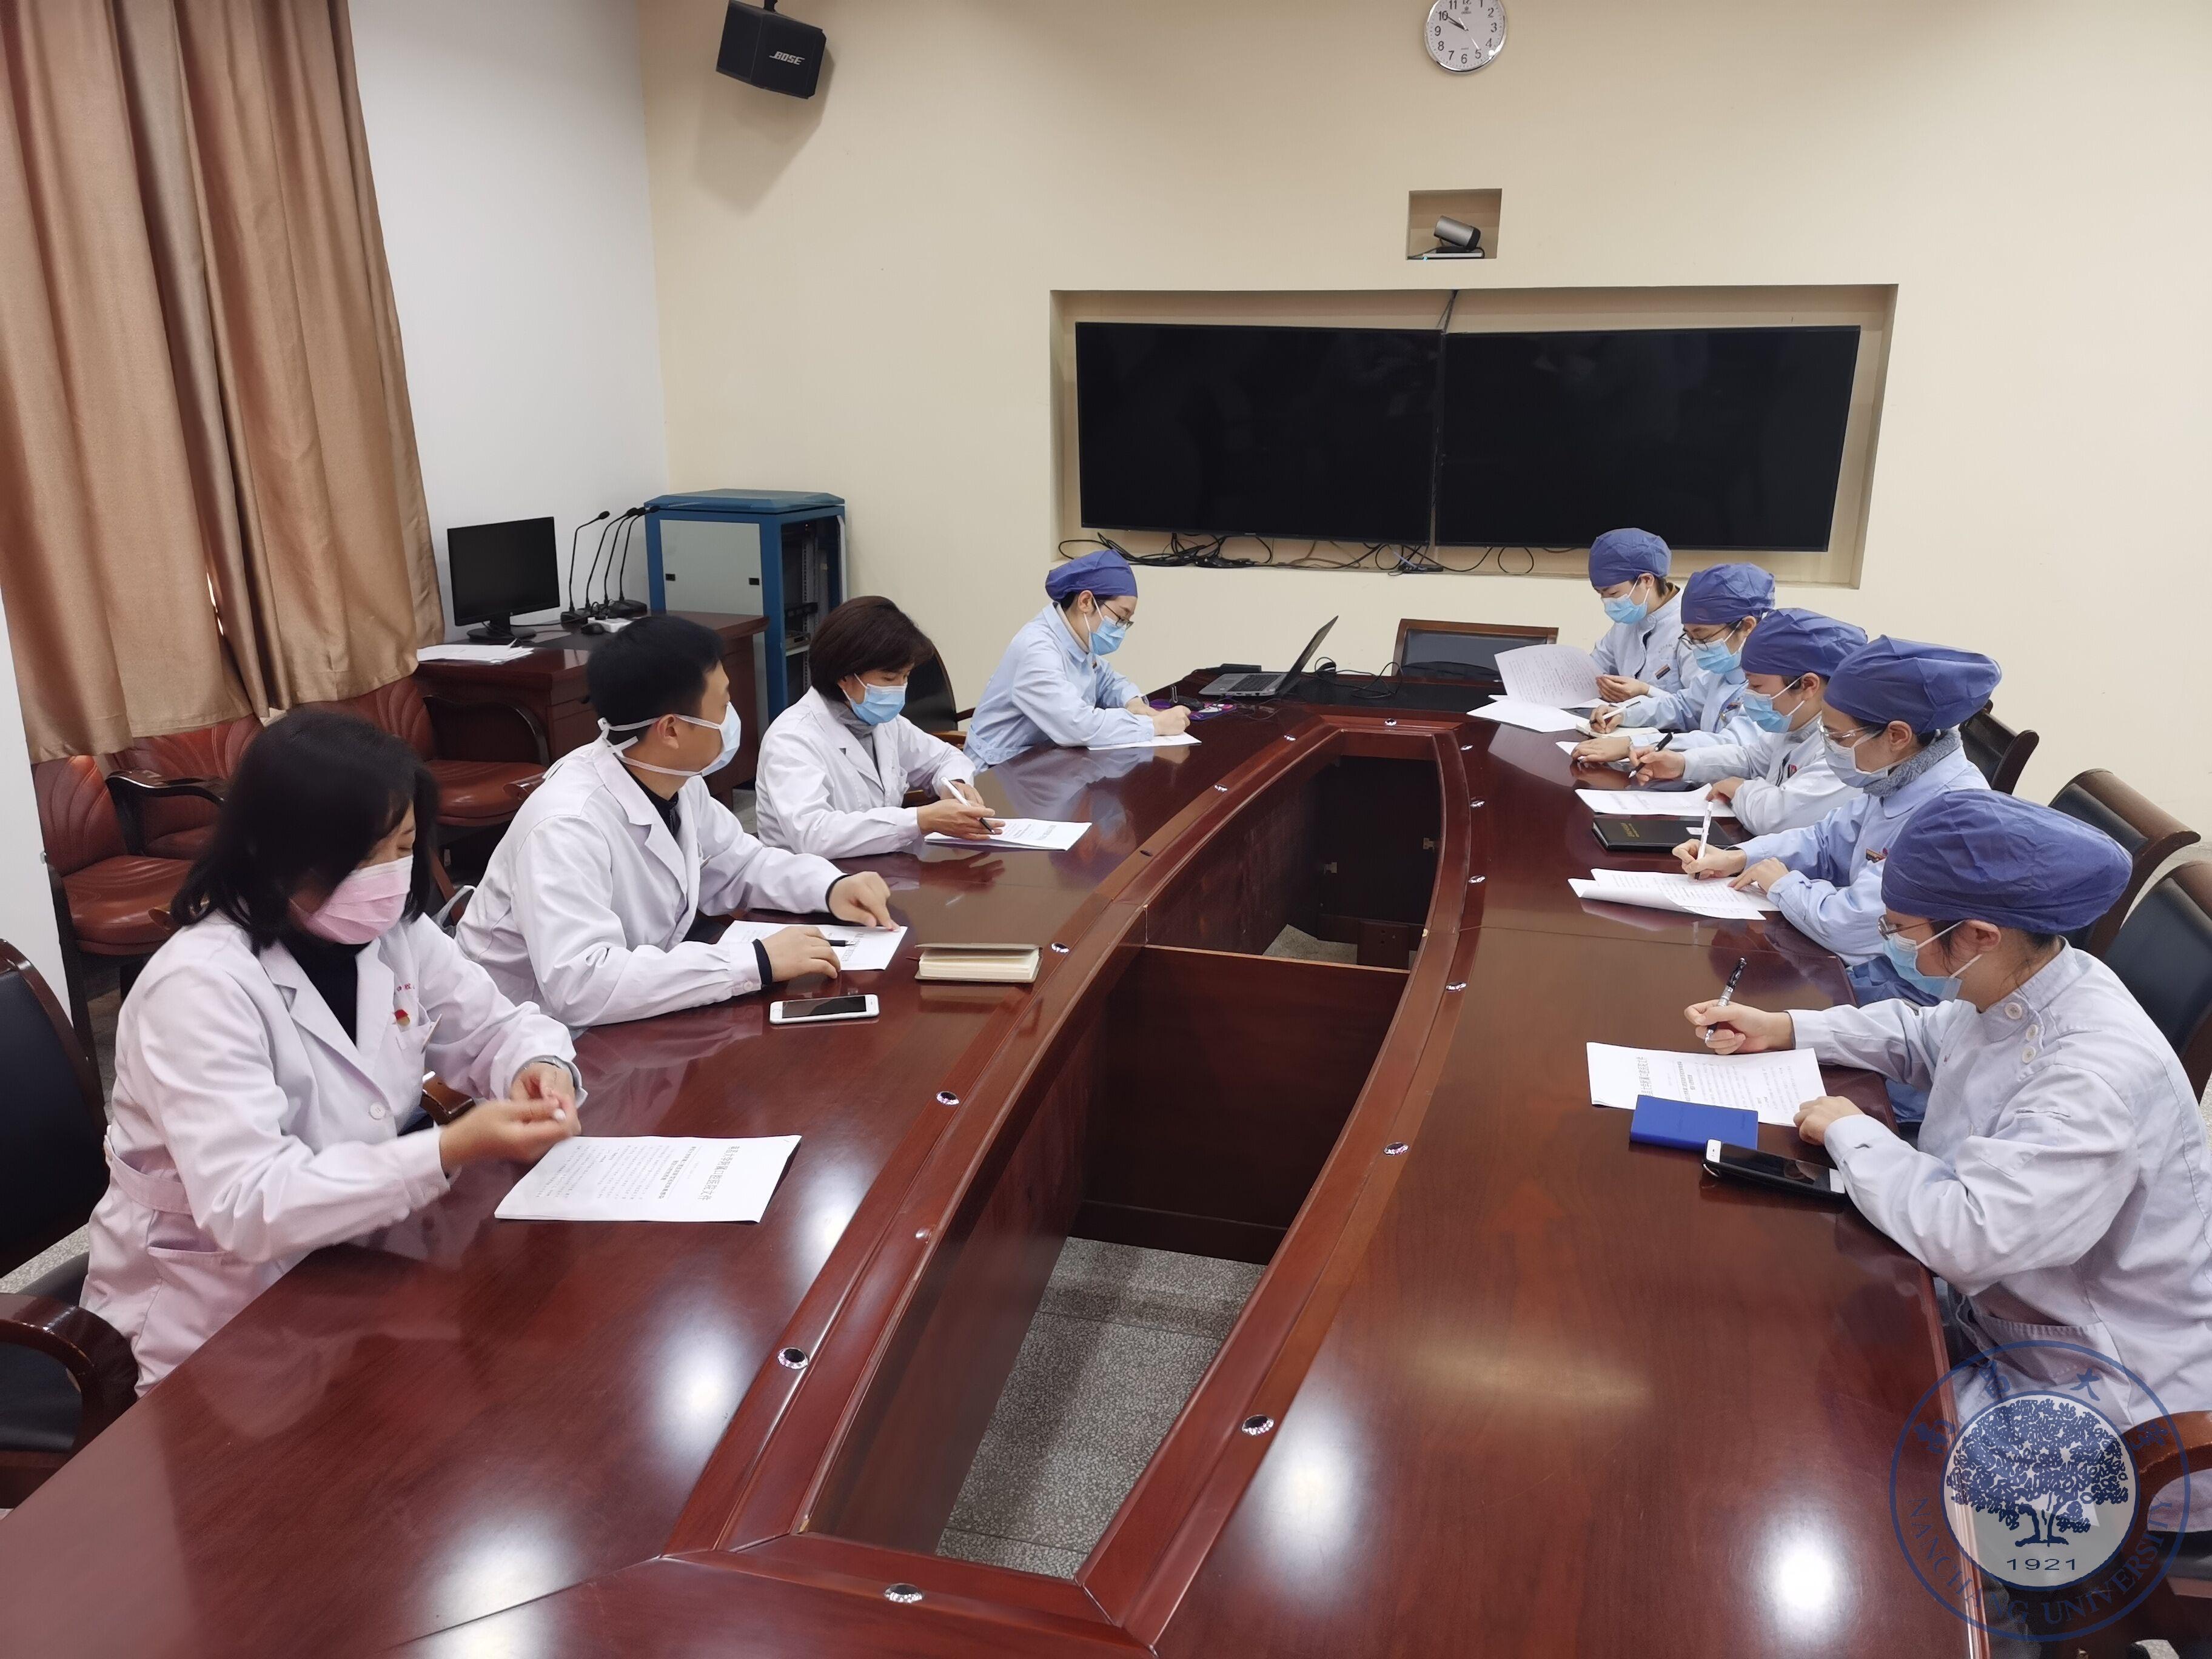 【战疫情】附属口腔医院积极备战加强疫情防控